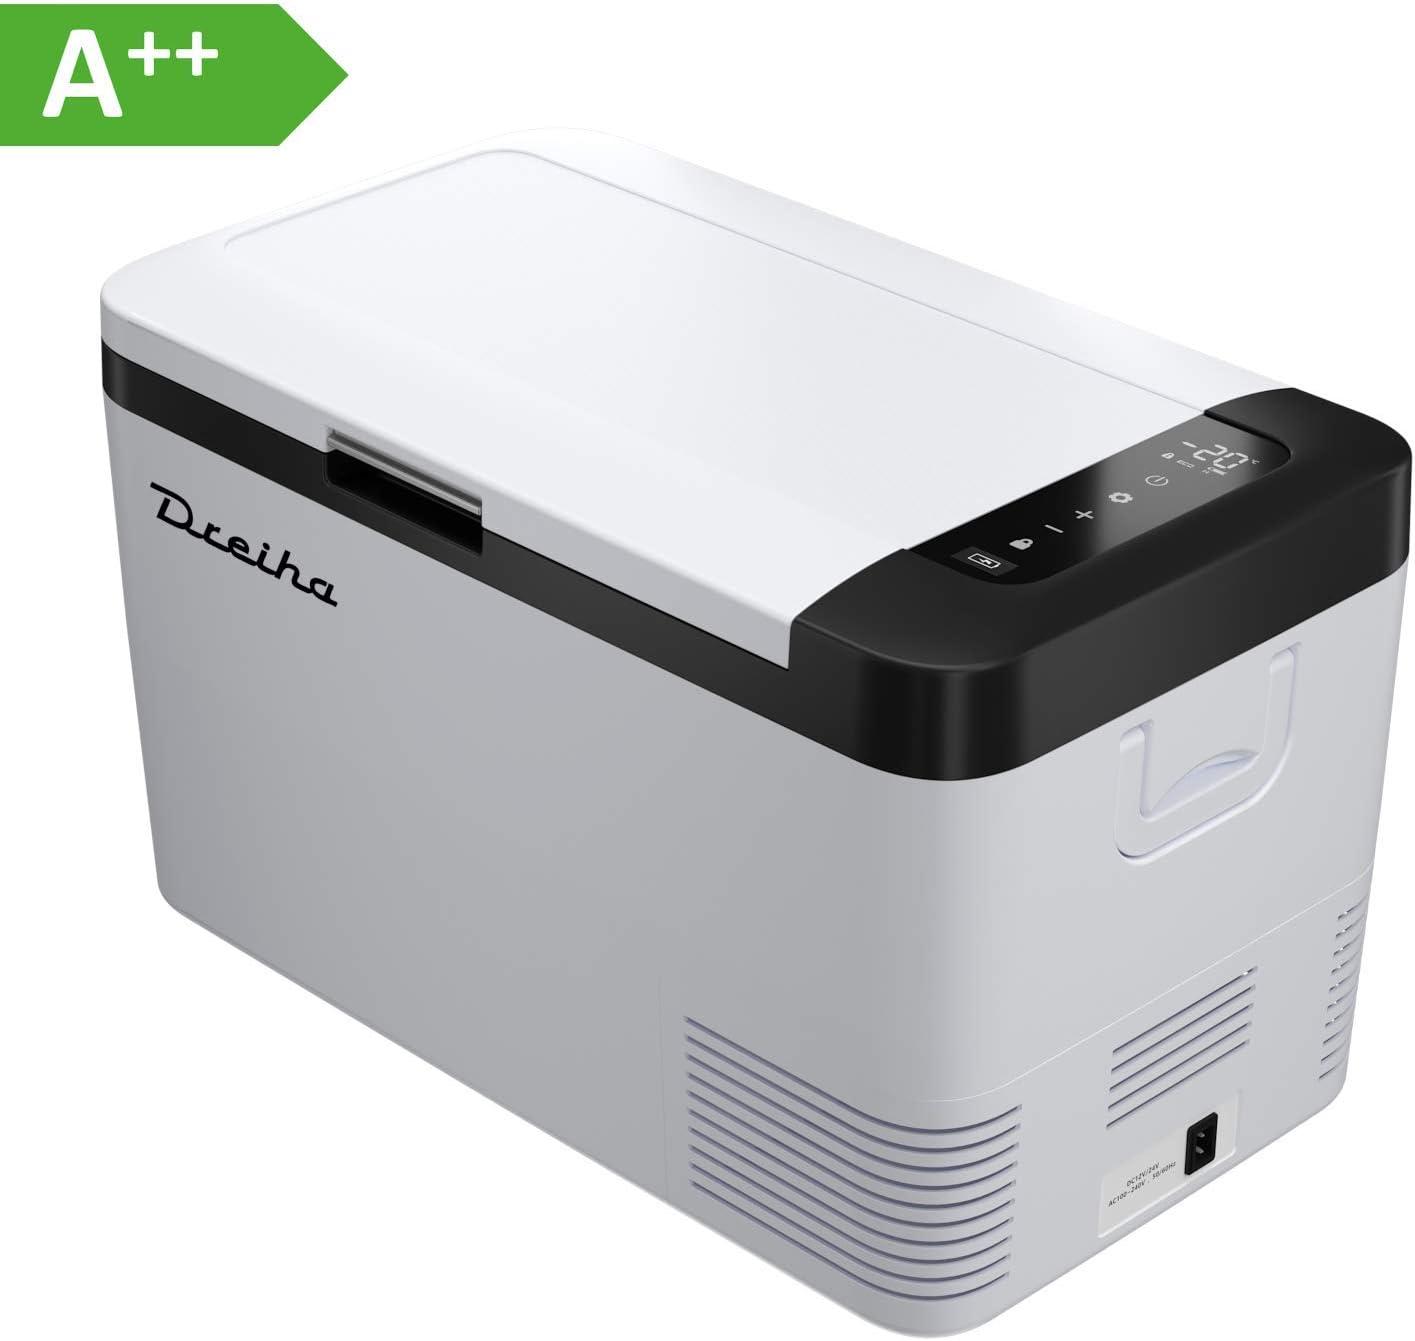 Dreiha CBX18- Nevera Portátil con Compresor CoolingBox 18 litros de Capacidad, Conexiones 12V / 24V 0 110V/ 220V, Enfriamiento de -20ºC a +20ºC